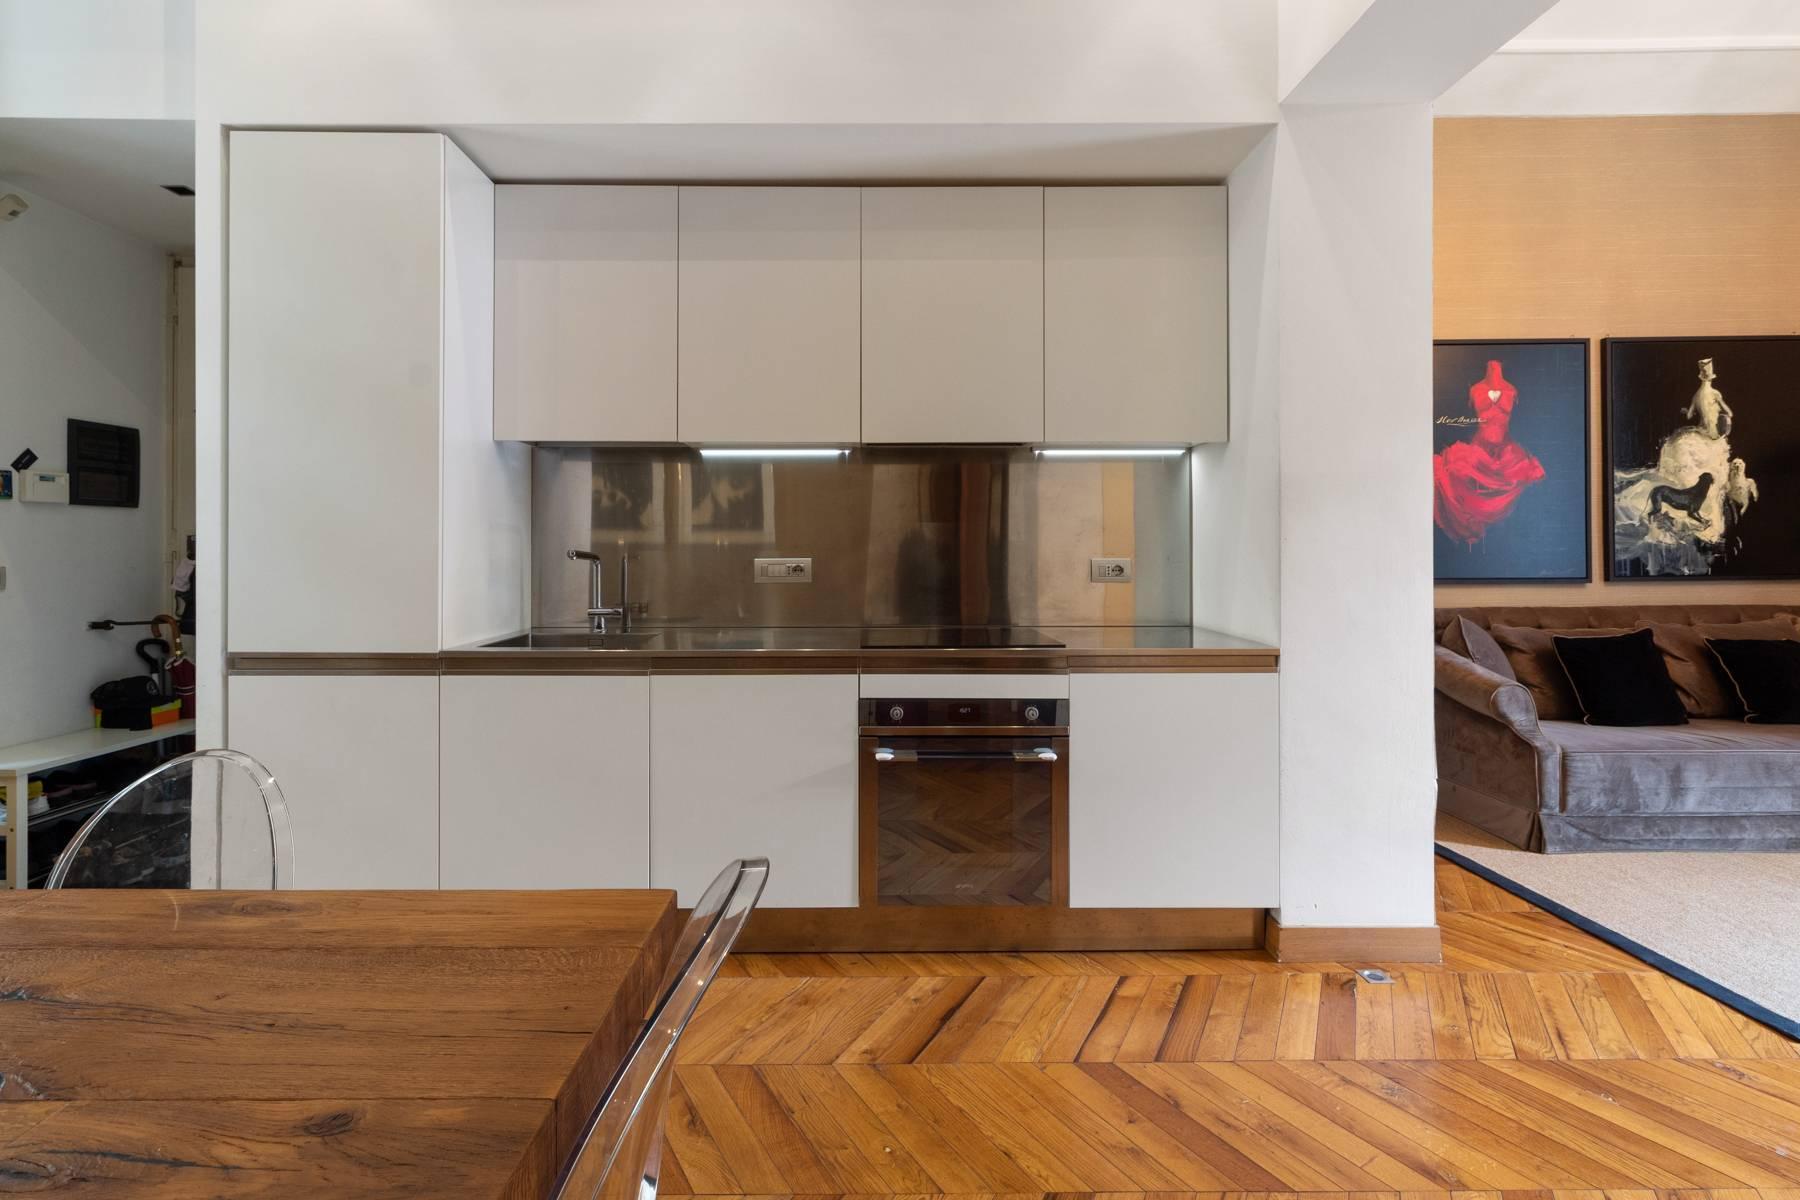 Affascinante appartamento nel cuore del quartiere Cit Turin - 5